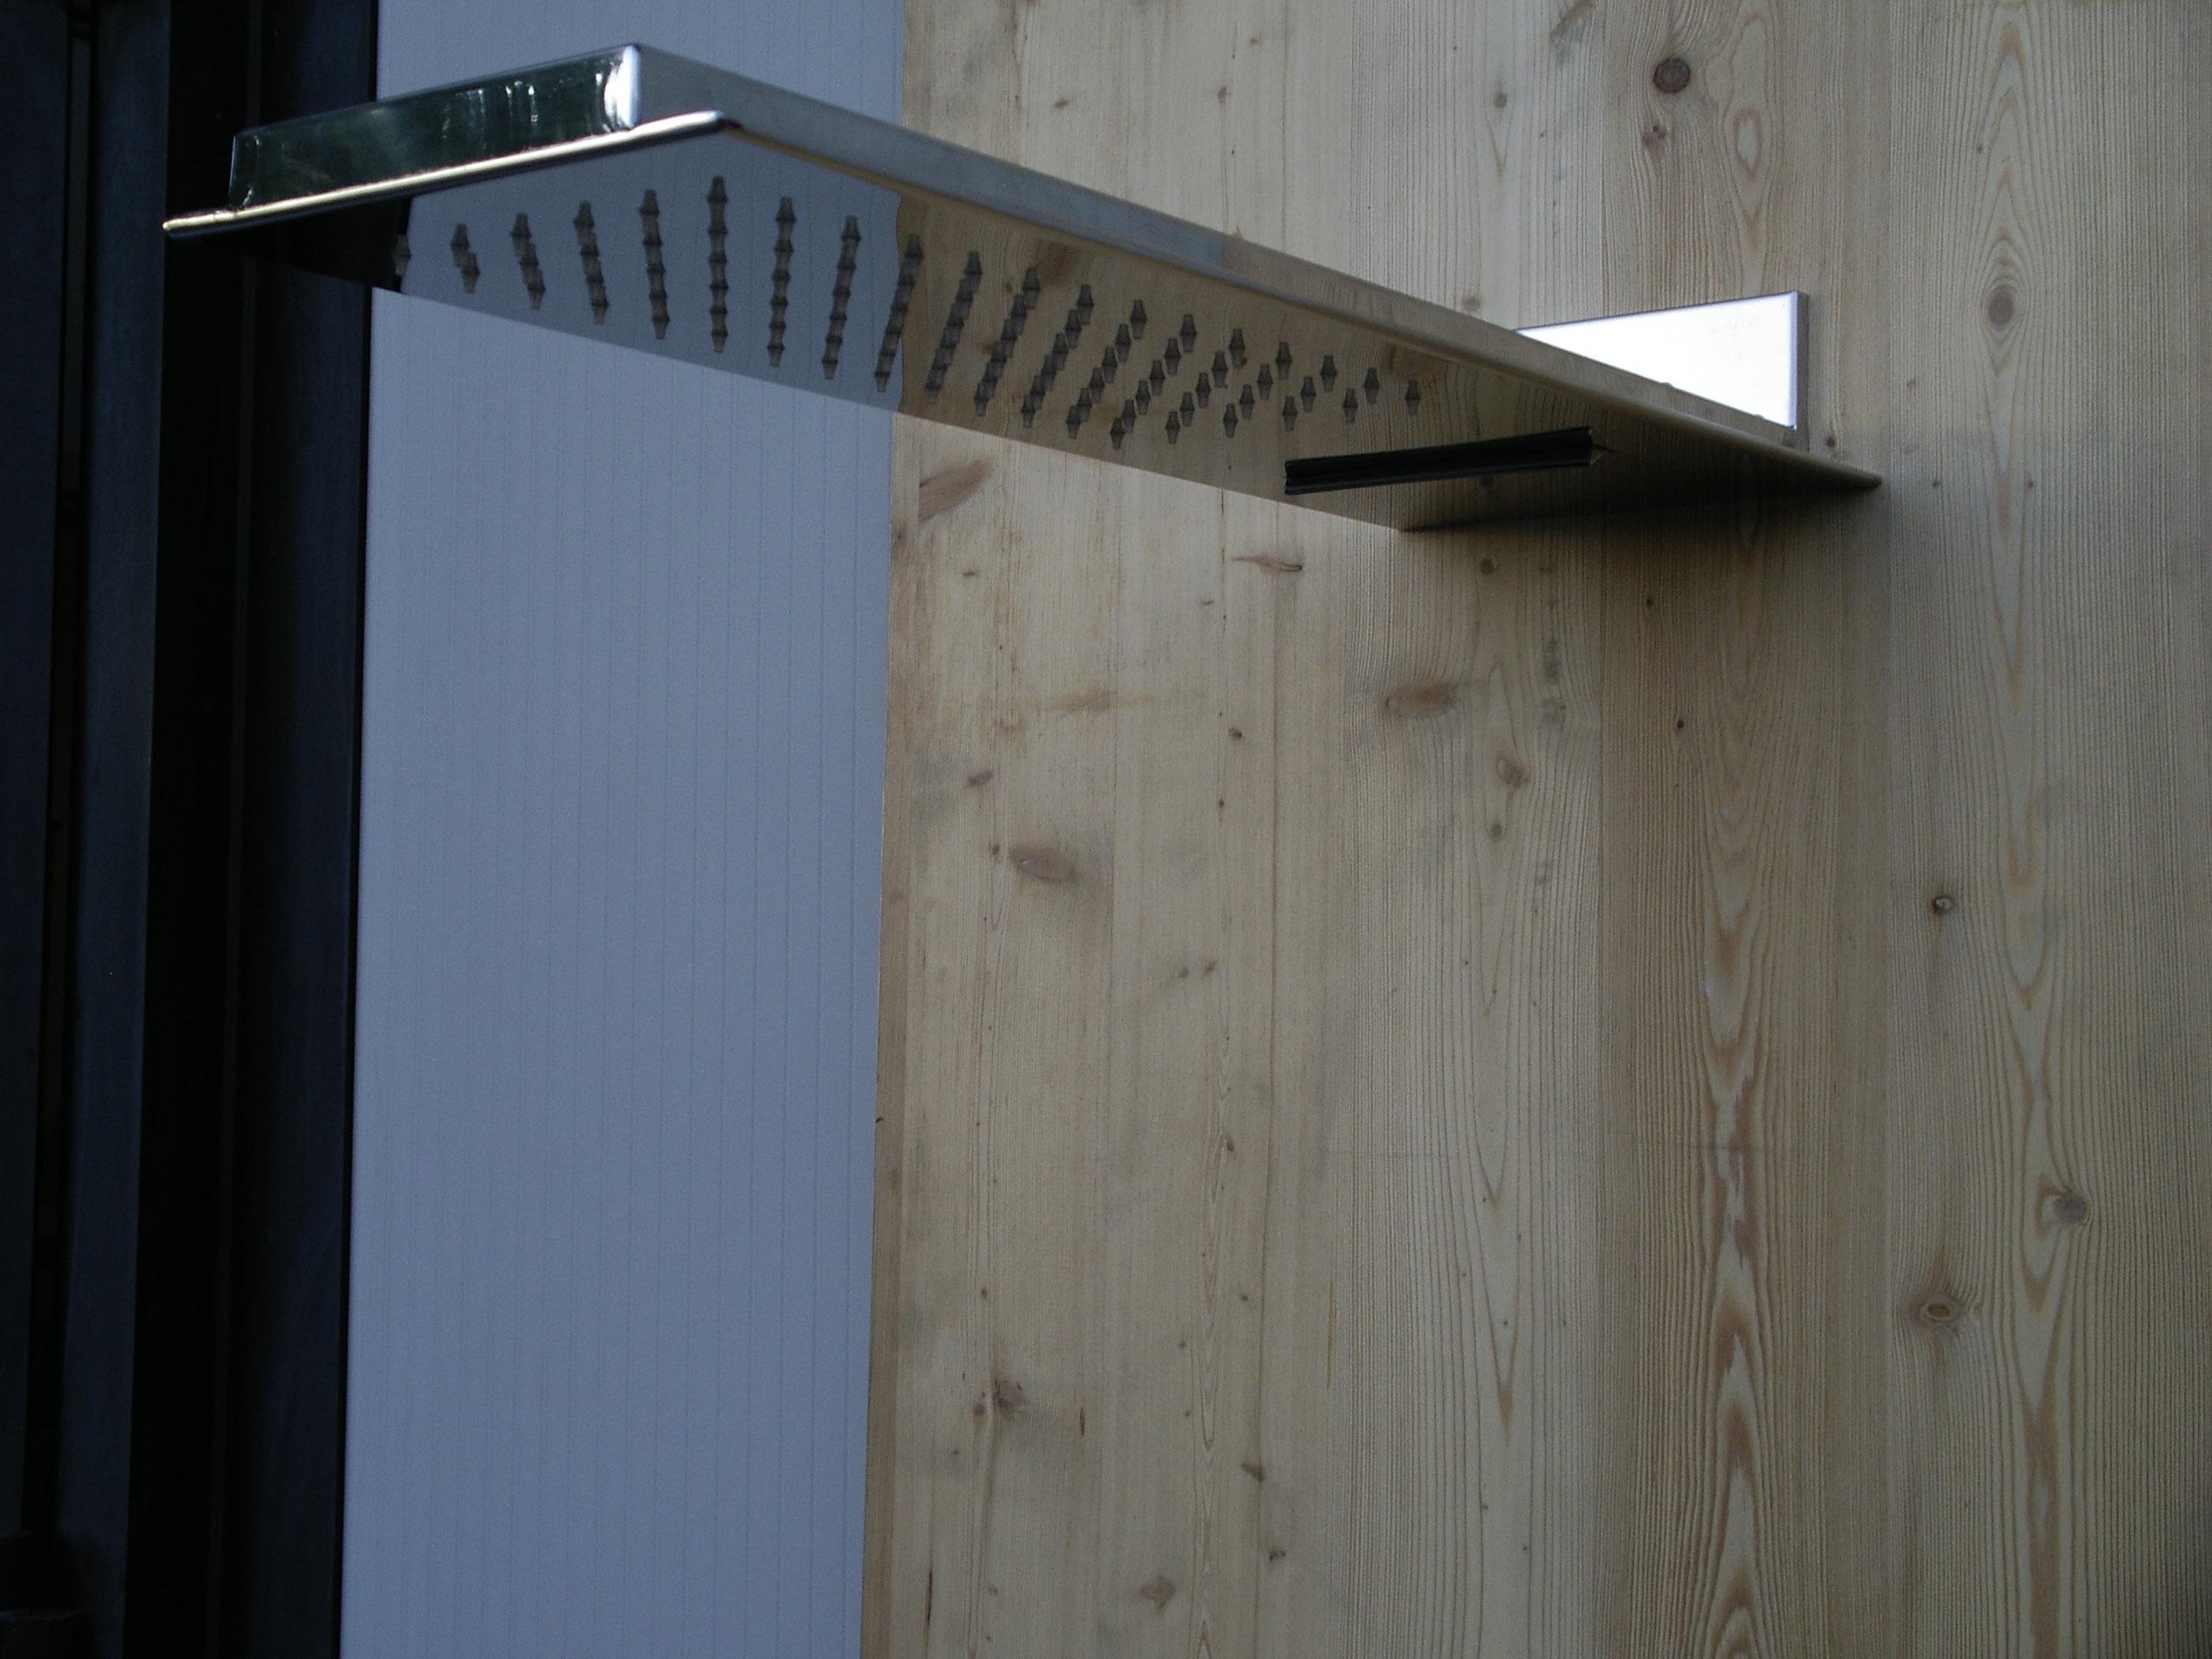 Realizzazione soffioni doccia in acciaio inox venezia - Soffione a cascata ...